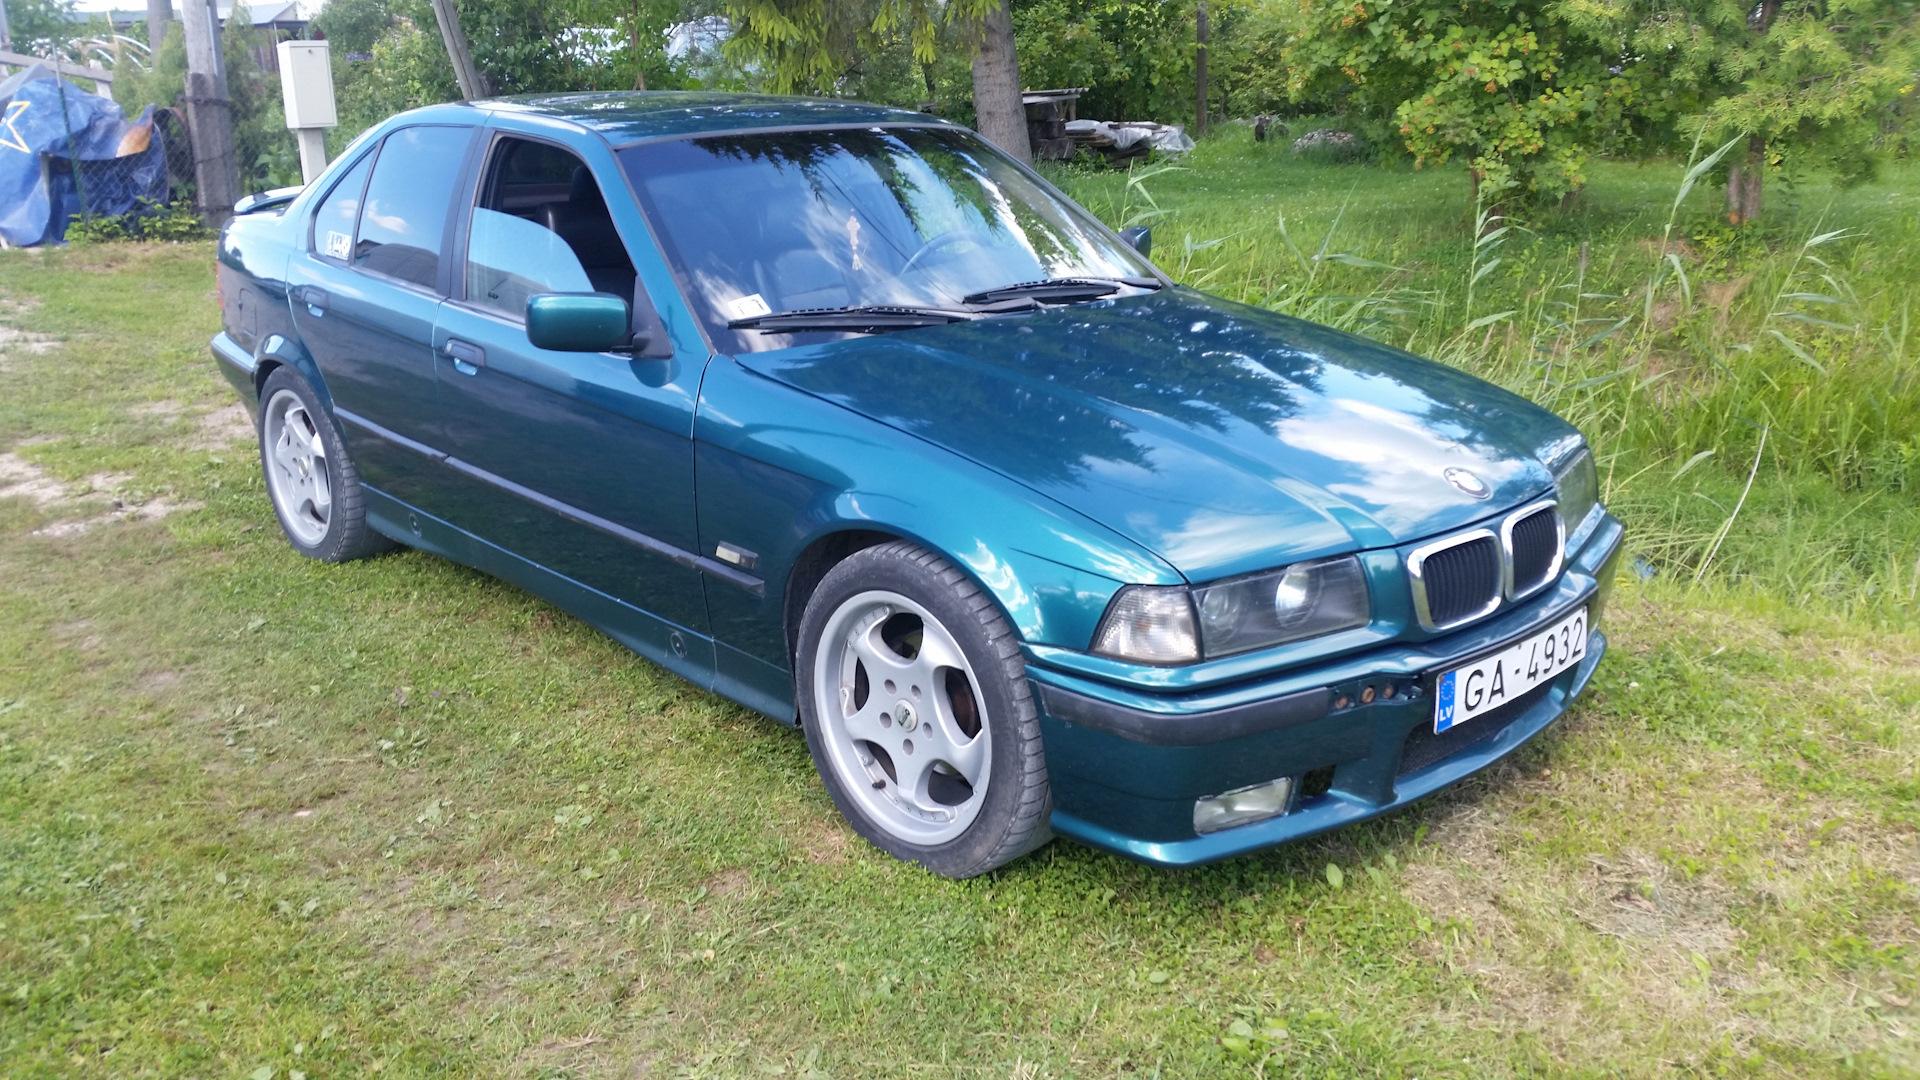 Завышенные обороты хх, помогите — Сообщество «Фан-клуб BMW E34 и E36